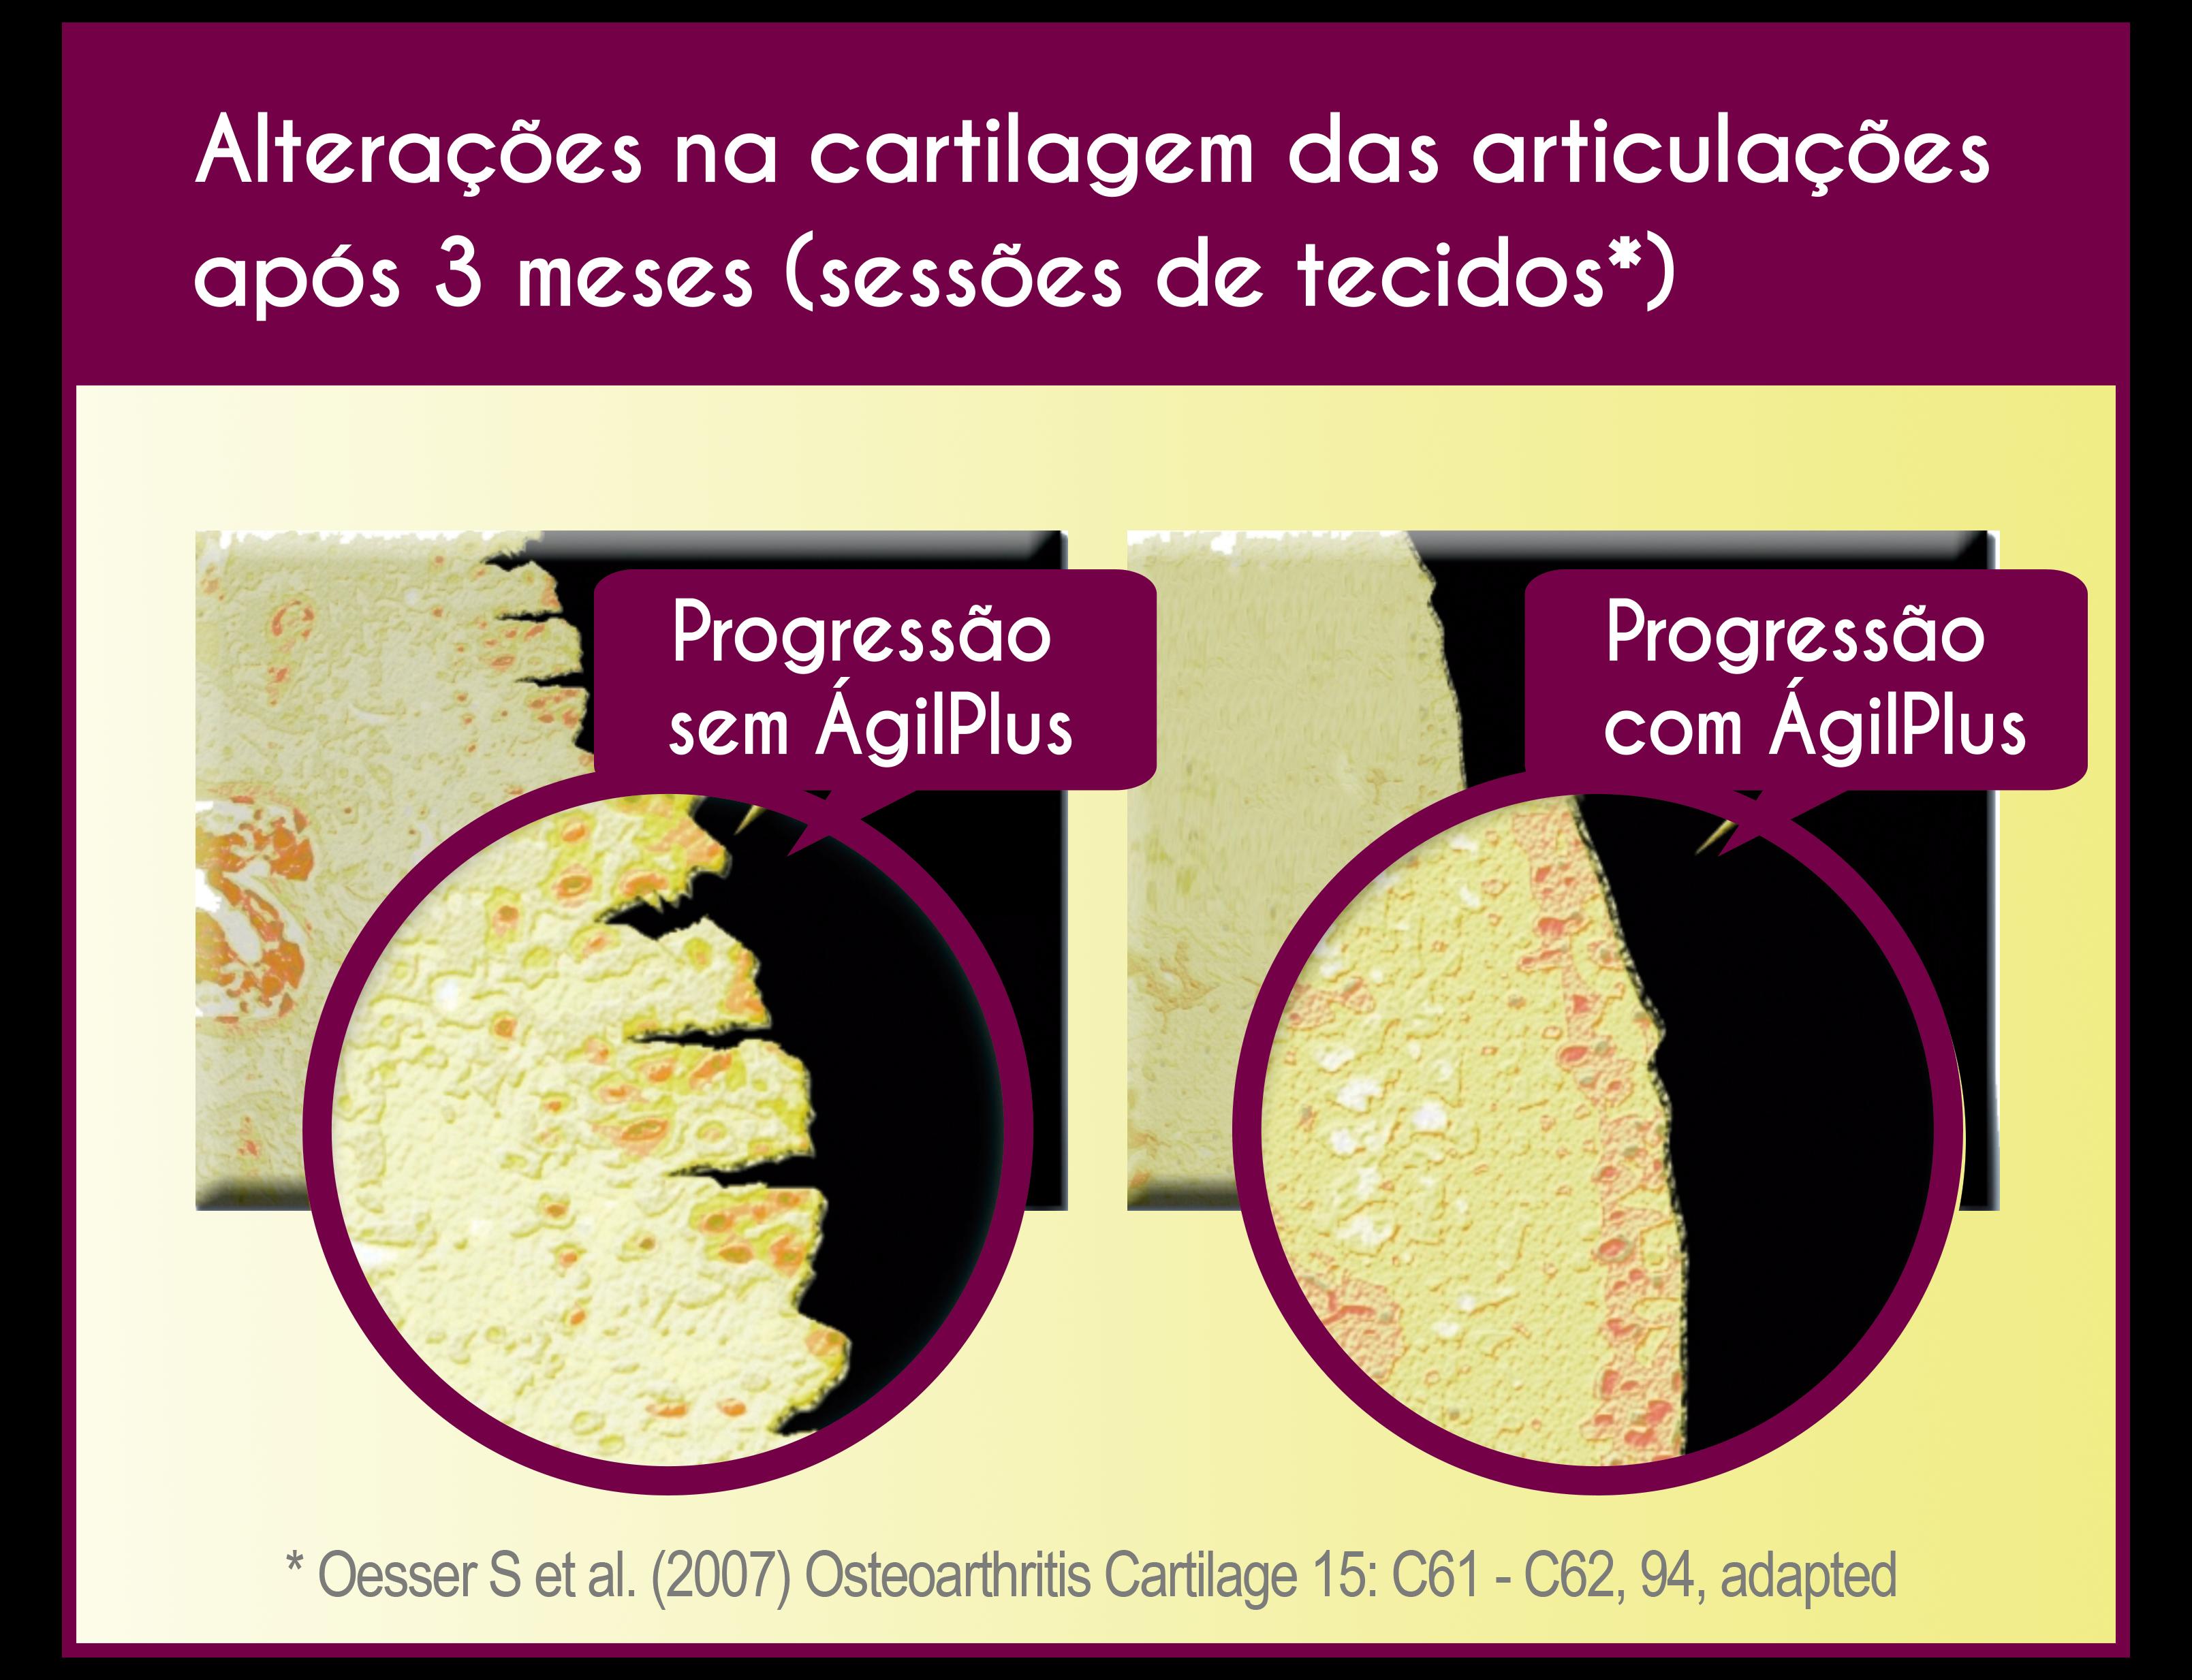 comparativo da progressão da cartilagem das articulações com agilplus (bom) e sem agilplus (ruim).